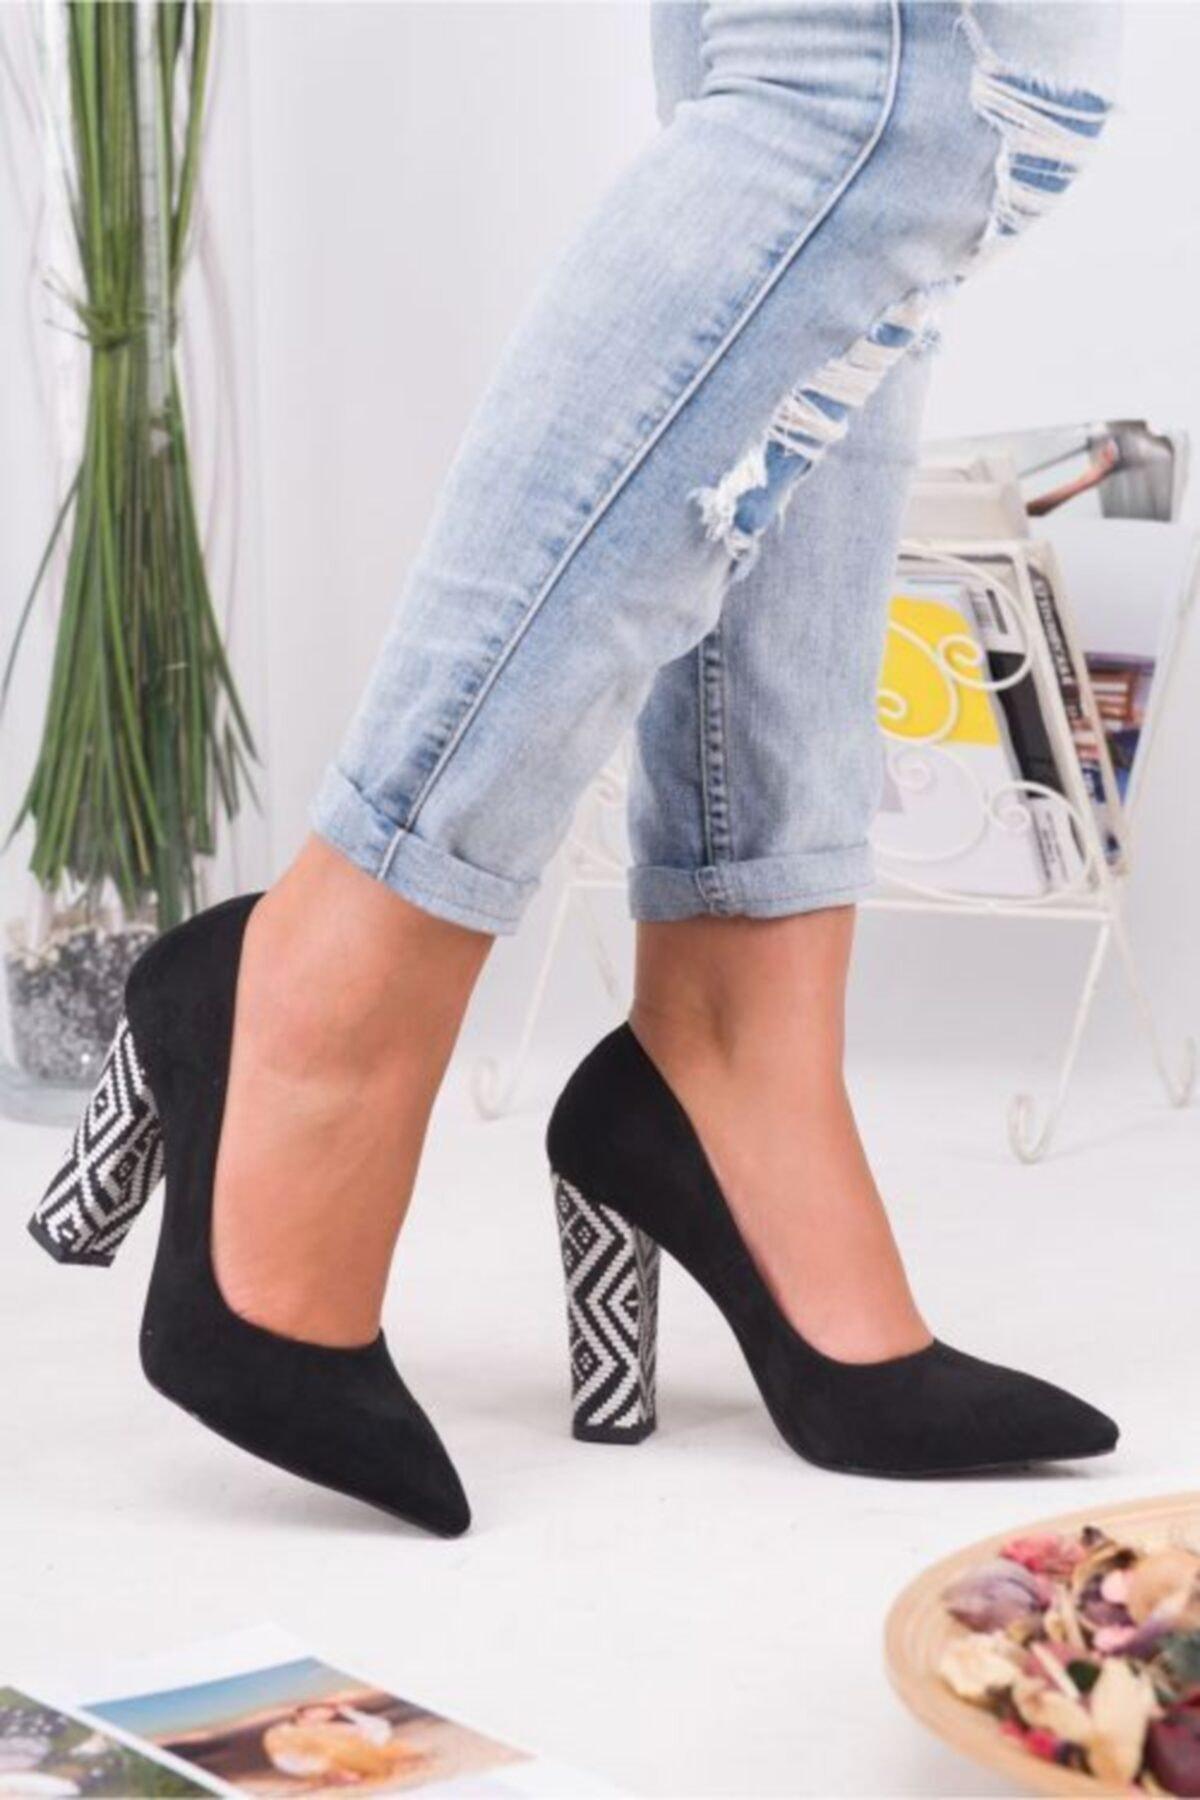 Topuk Sesim Kadın Siyah Süet Stiletto Ayakkabı